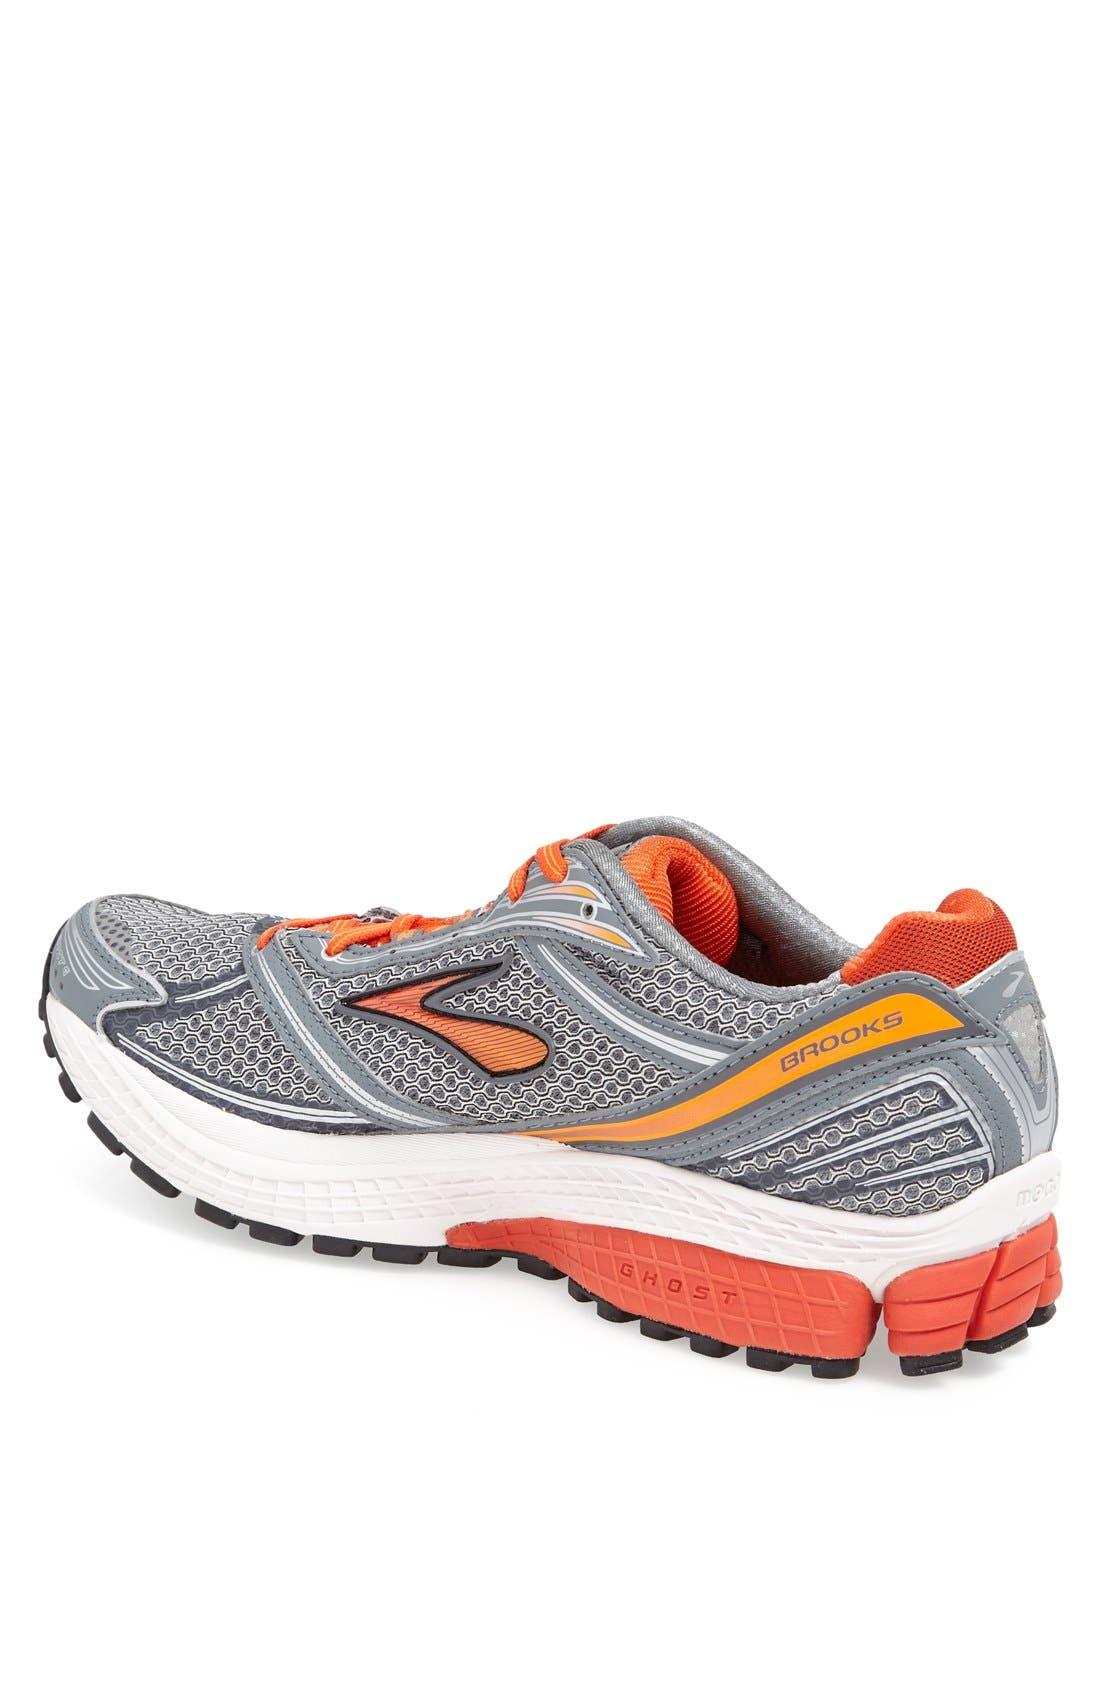 Alternate Image 2  - Brooks 'Ghost 6' Running Shoe (Men) (Regular Retail Price: $109.95)